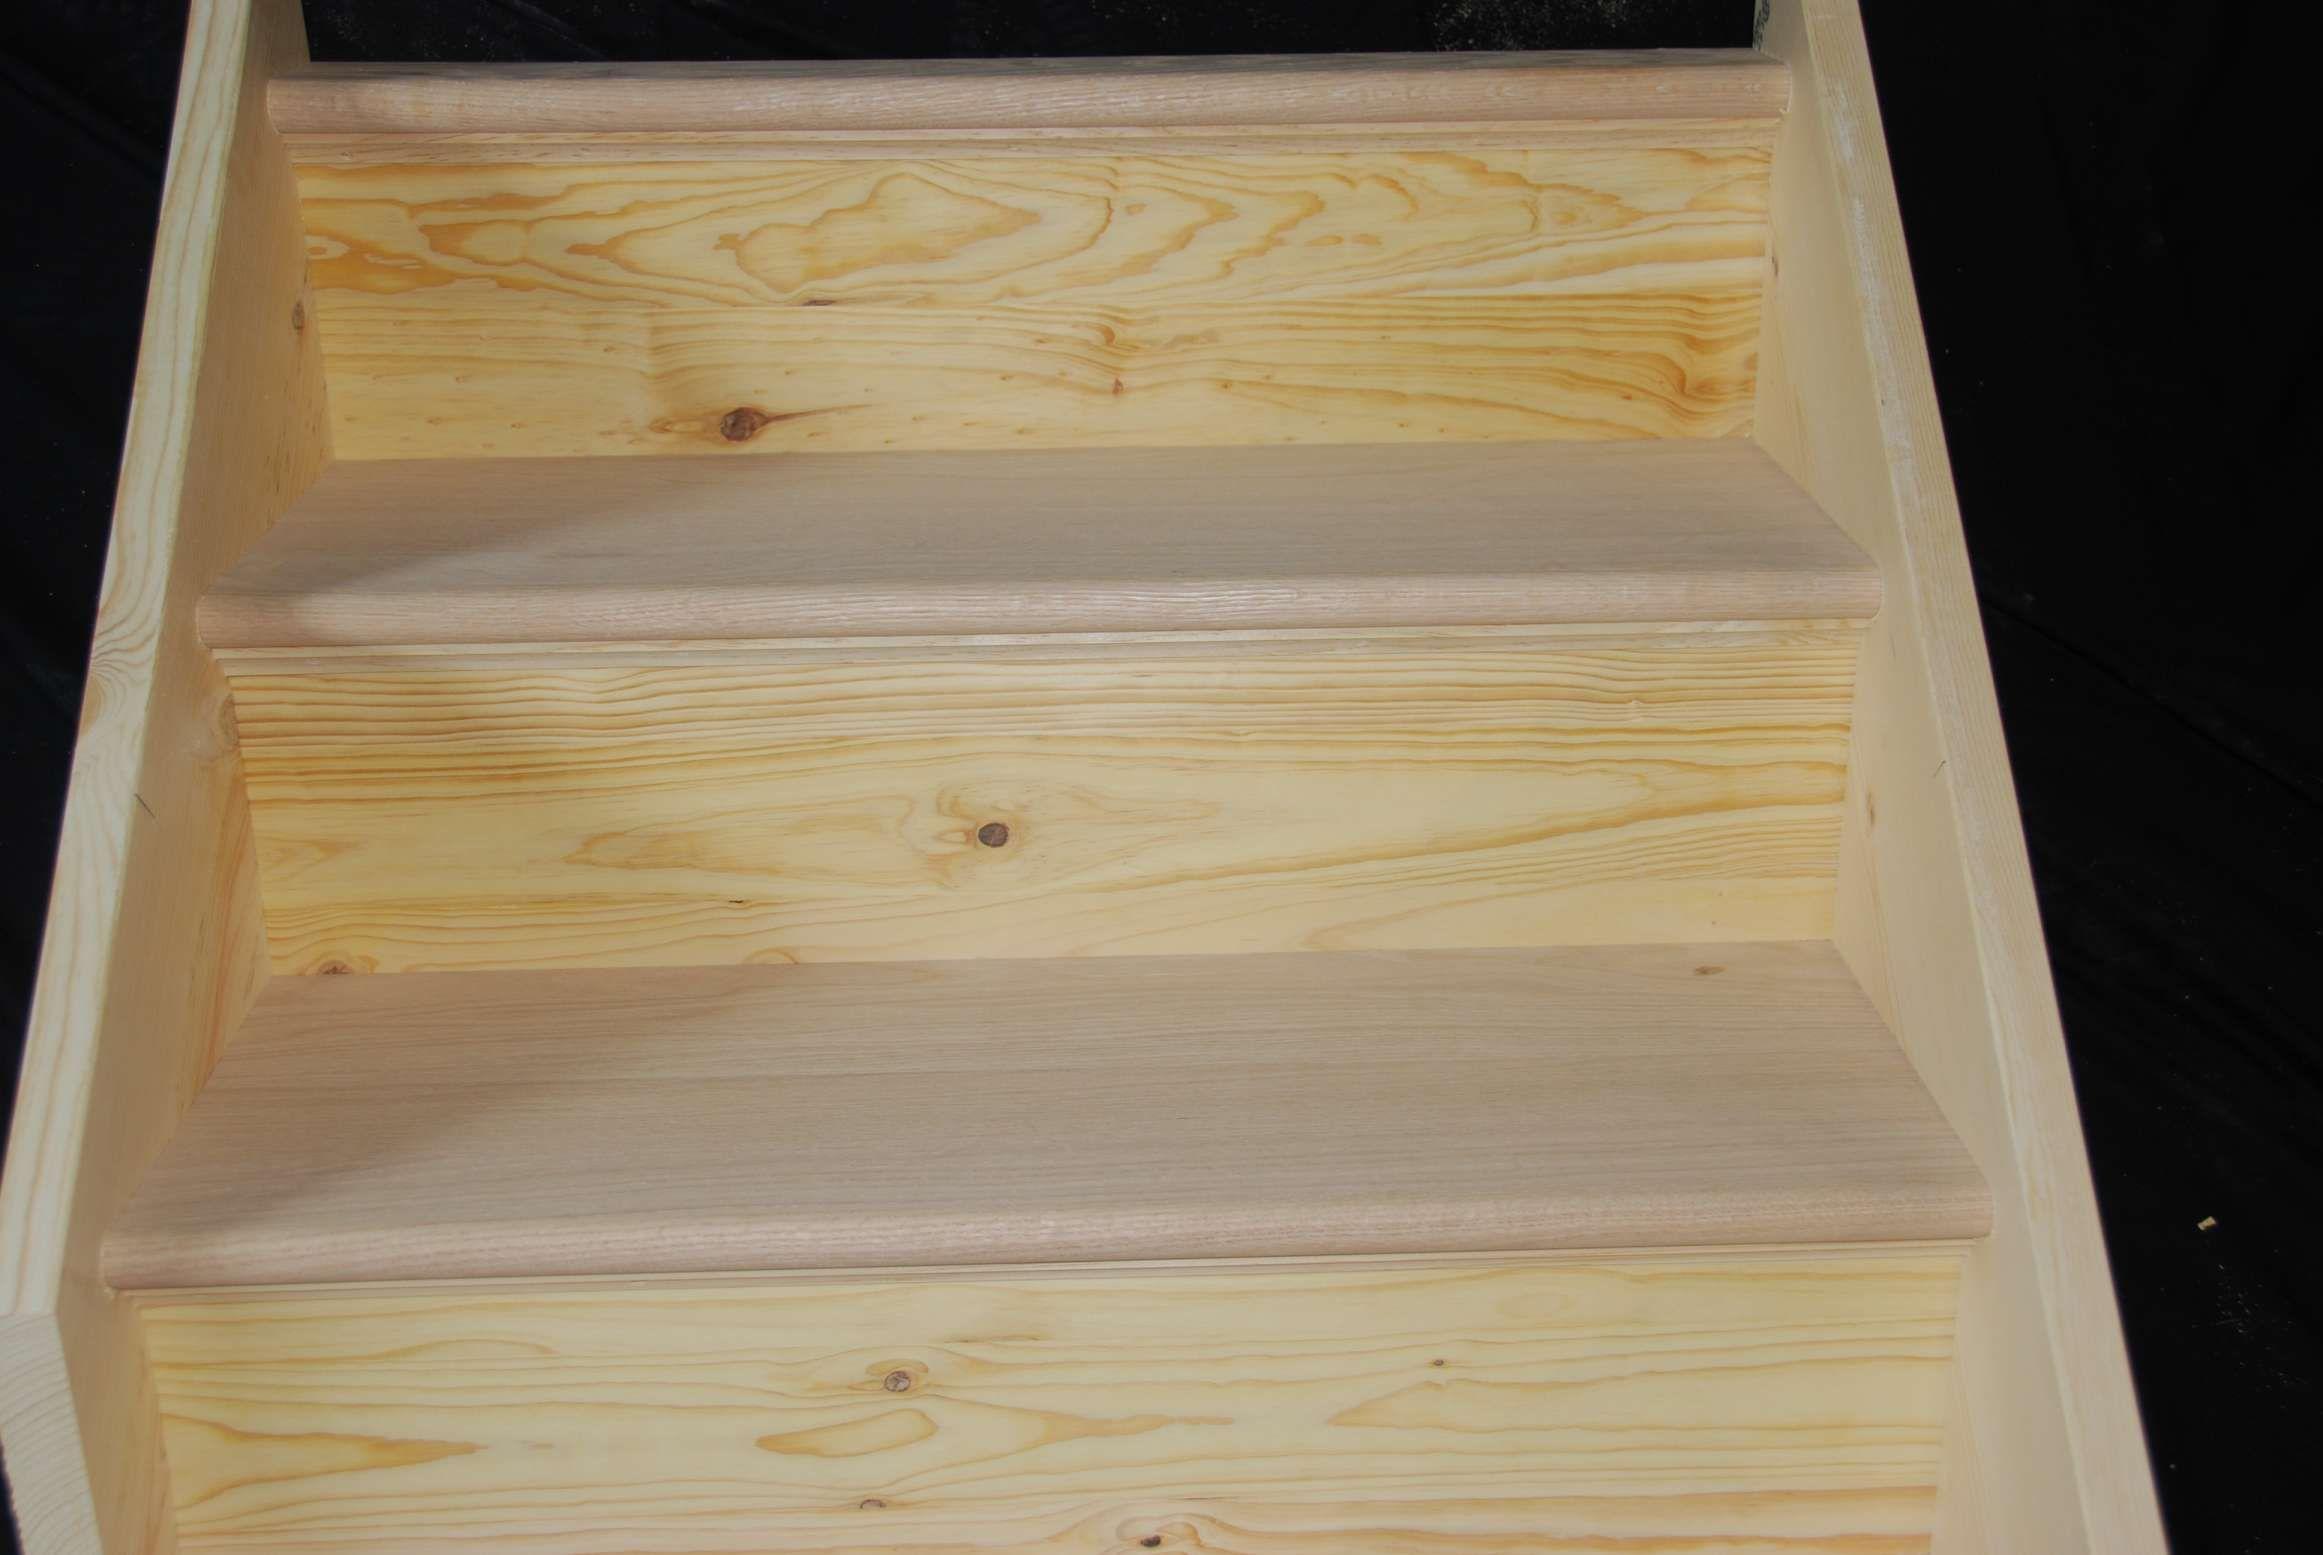 15 Unique Pre Built Wooden Steps Photos Wooden Exterior Wood | Pre Built Wood Stairs | Exterior | Landing | Free Standing | Lvl | Basement